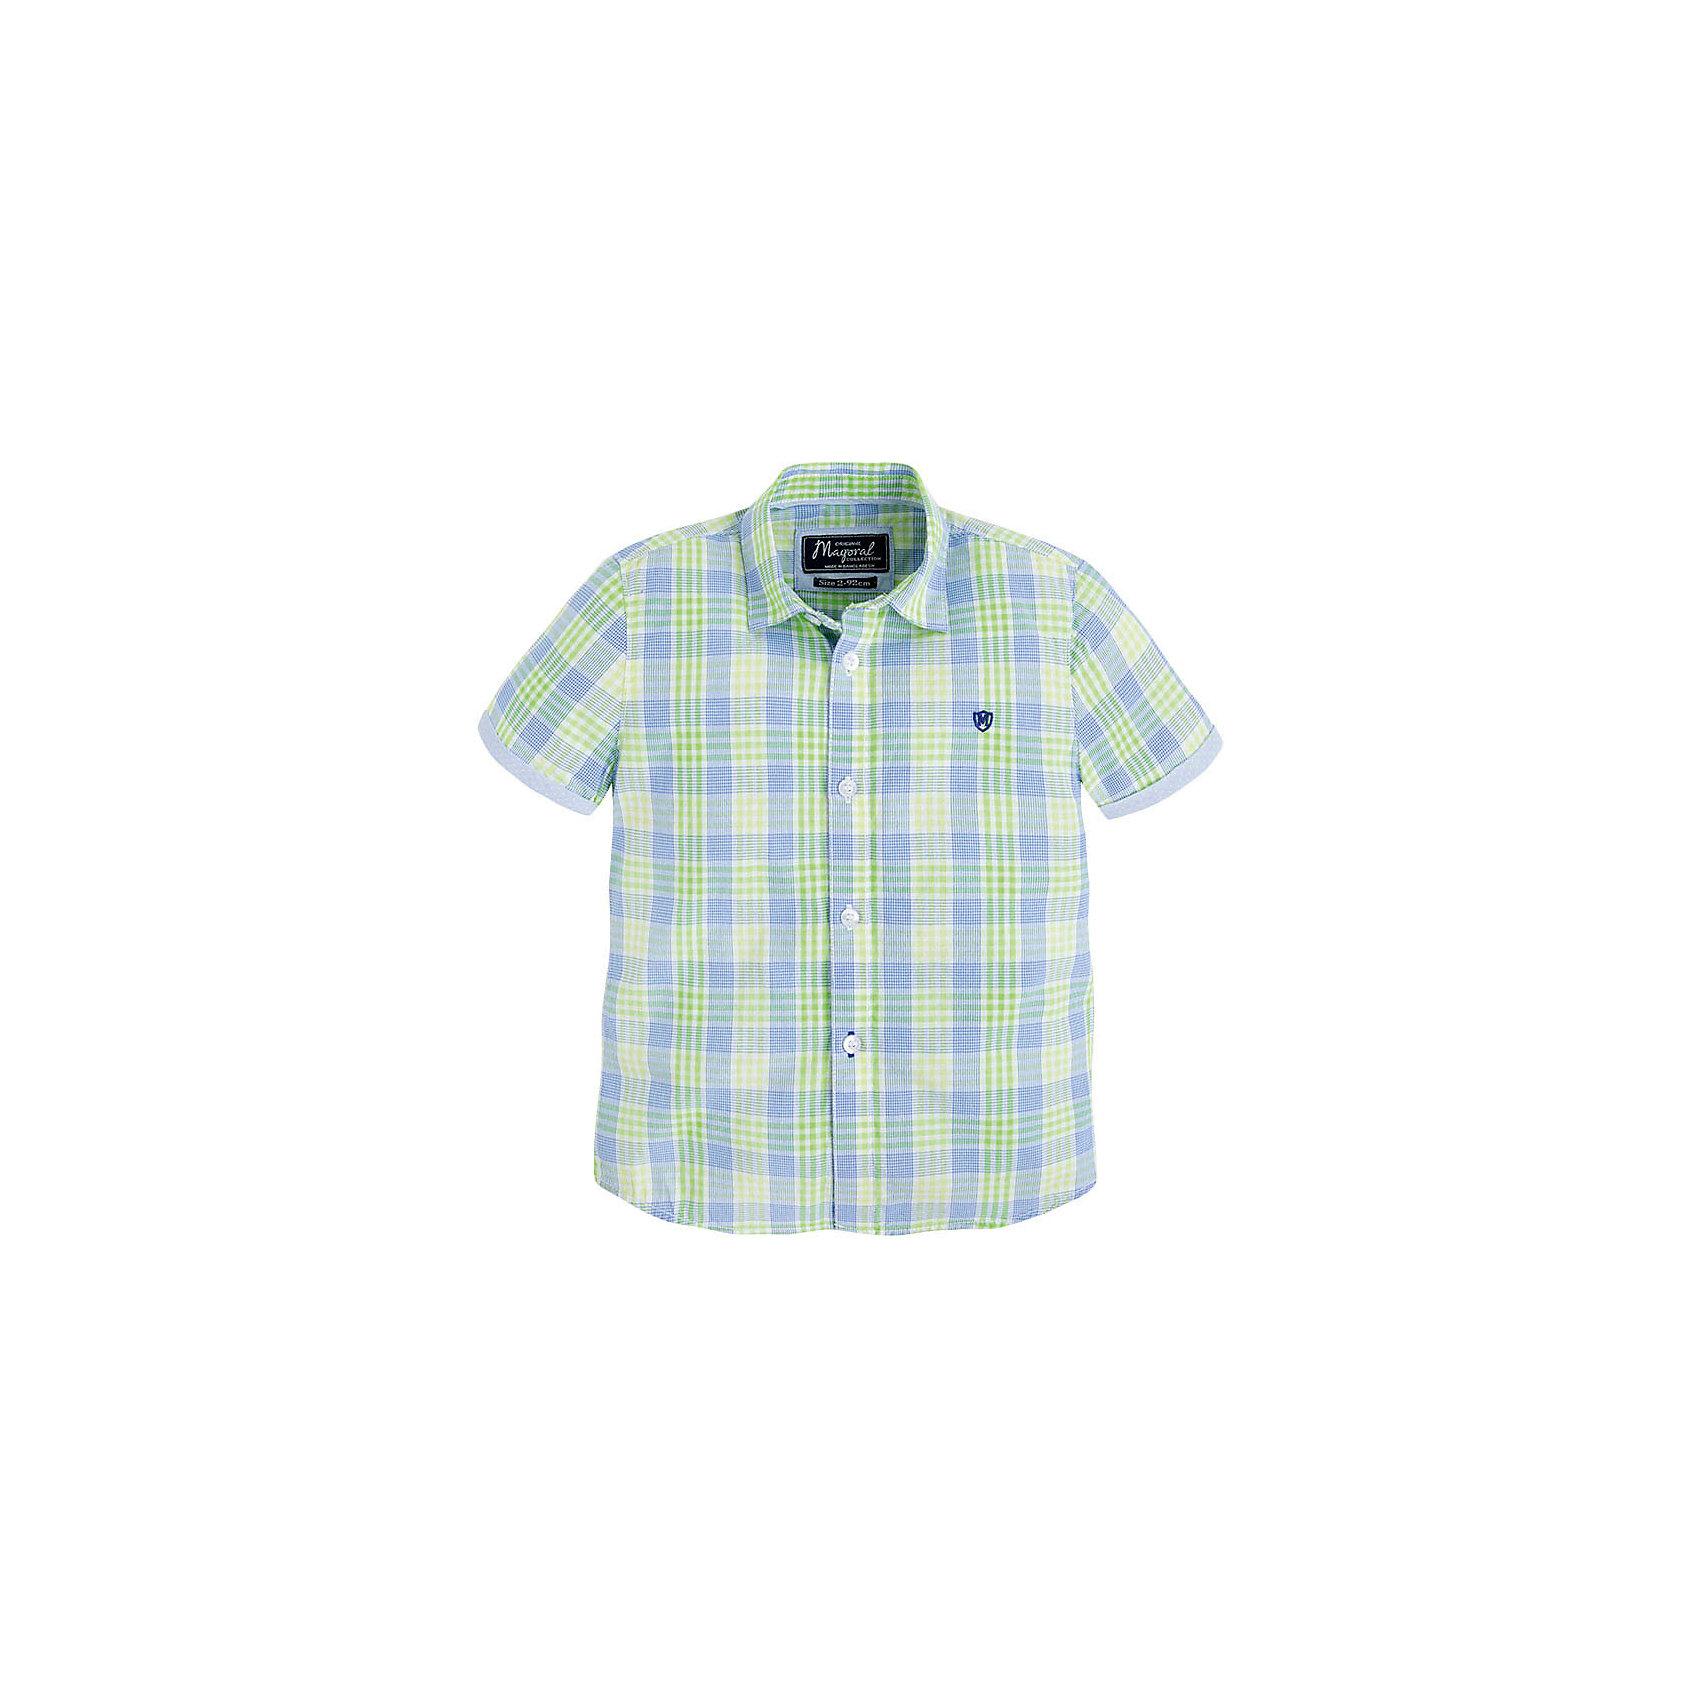 Рубашка для мальчика MayoralРубашка для мальчика от известной испанской марки Mayoral <br><br>Модная рубашка от Mayoral актуальна и на каждый день и на праздник! Она прекрасно сочетается с джинсами и брюками.  Модель выполнена из качественных материалов, отлично сидит по фигуре.<br><br>Особенности модели:<br><br>- цвет: клетка;<br>- рукава короткие;<br>- застежки - пуговицы;<br>- украшена вышивкой;<br>- натуральный материал.<br><br>Дополнительная информация:<br><br>Состав: 100% хлопок<br><br>Рубашку для мальчика Mayoral (Майорал) можно купить в нашем магазине.<br><br>Ширина мм: 174<br>Глубина мм: 10<br>Высота мм: 169<br>Вес г: 157<br>Цвет: зеленый<br>Возраст от месяцев: 48<br>Возраст до месяцев: 60<br>Пол: Мужской<br>Возраст: Детский<br>Размер: 110,98,104,122,116,128,134<br>SKU: 4541780